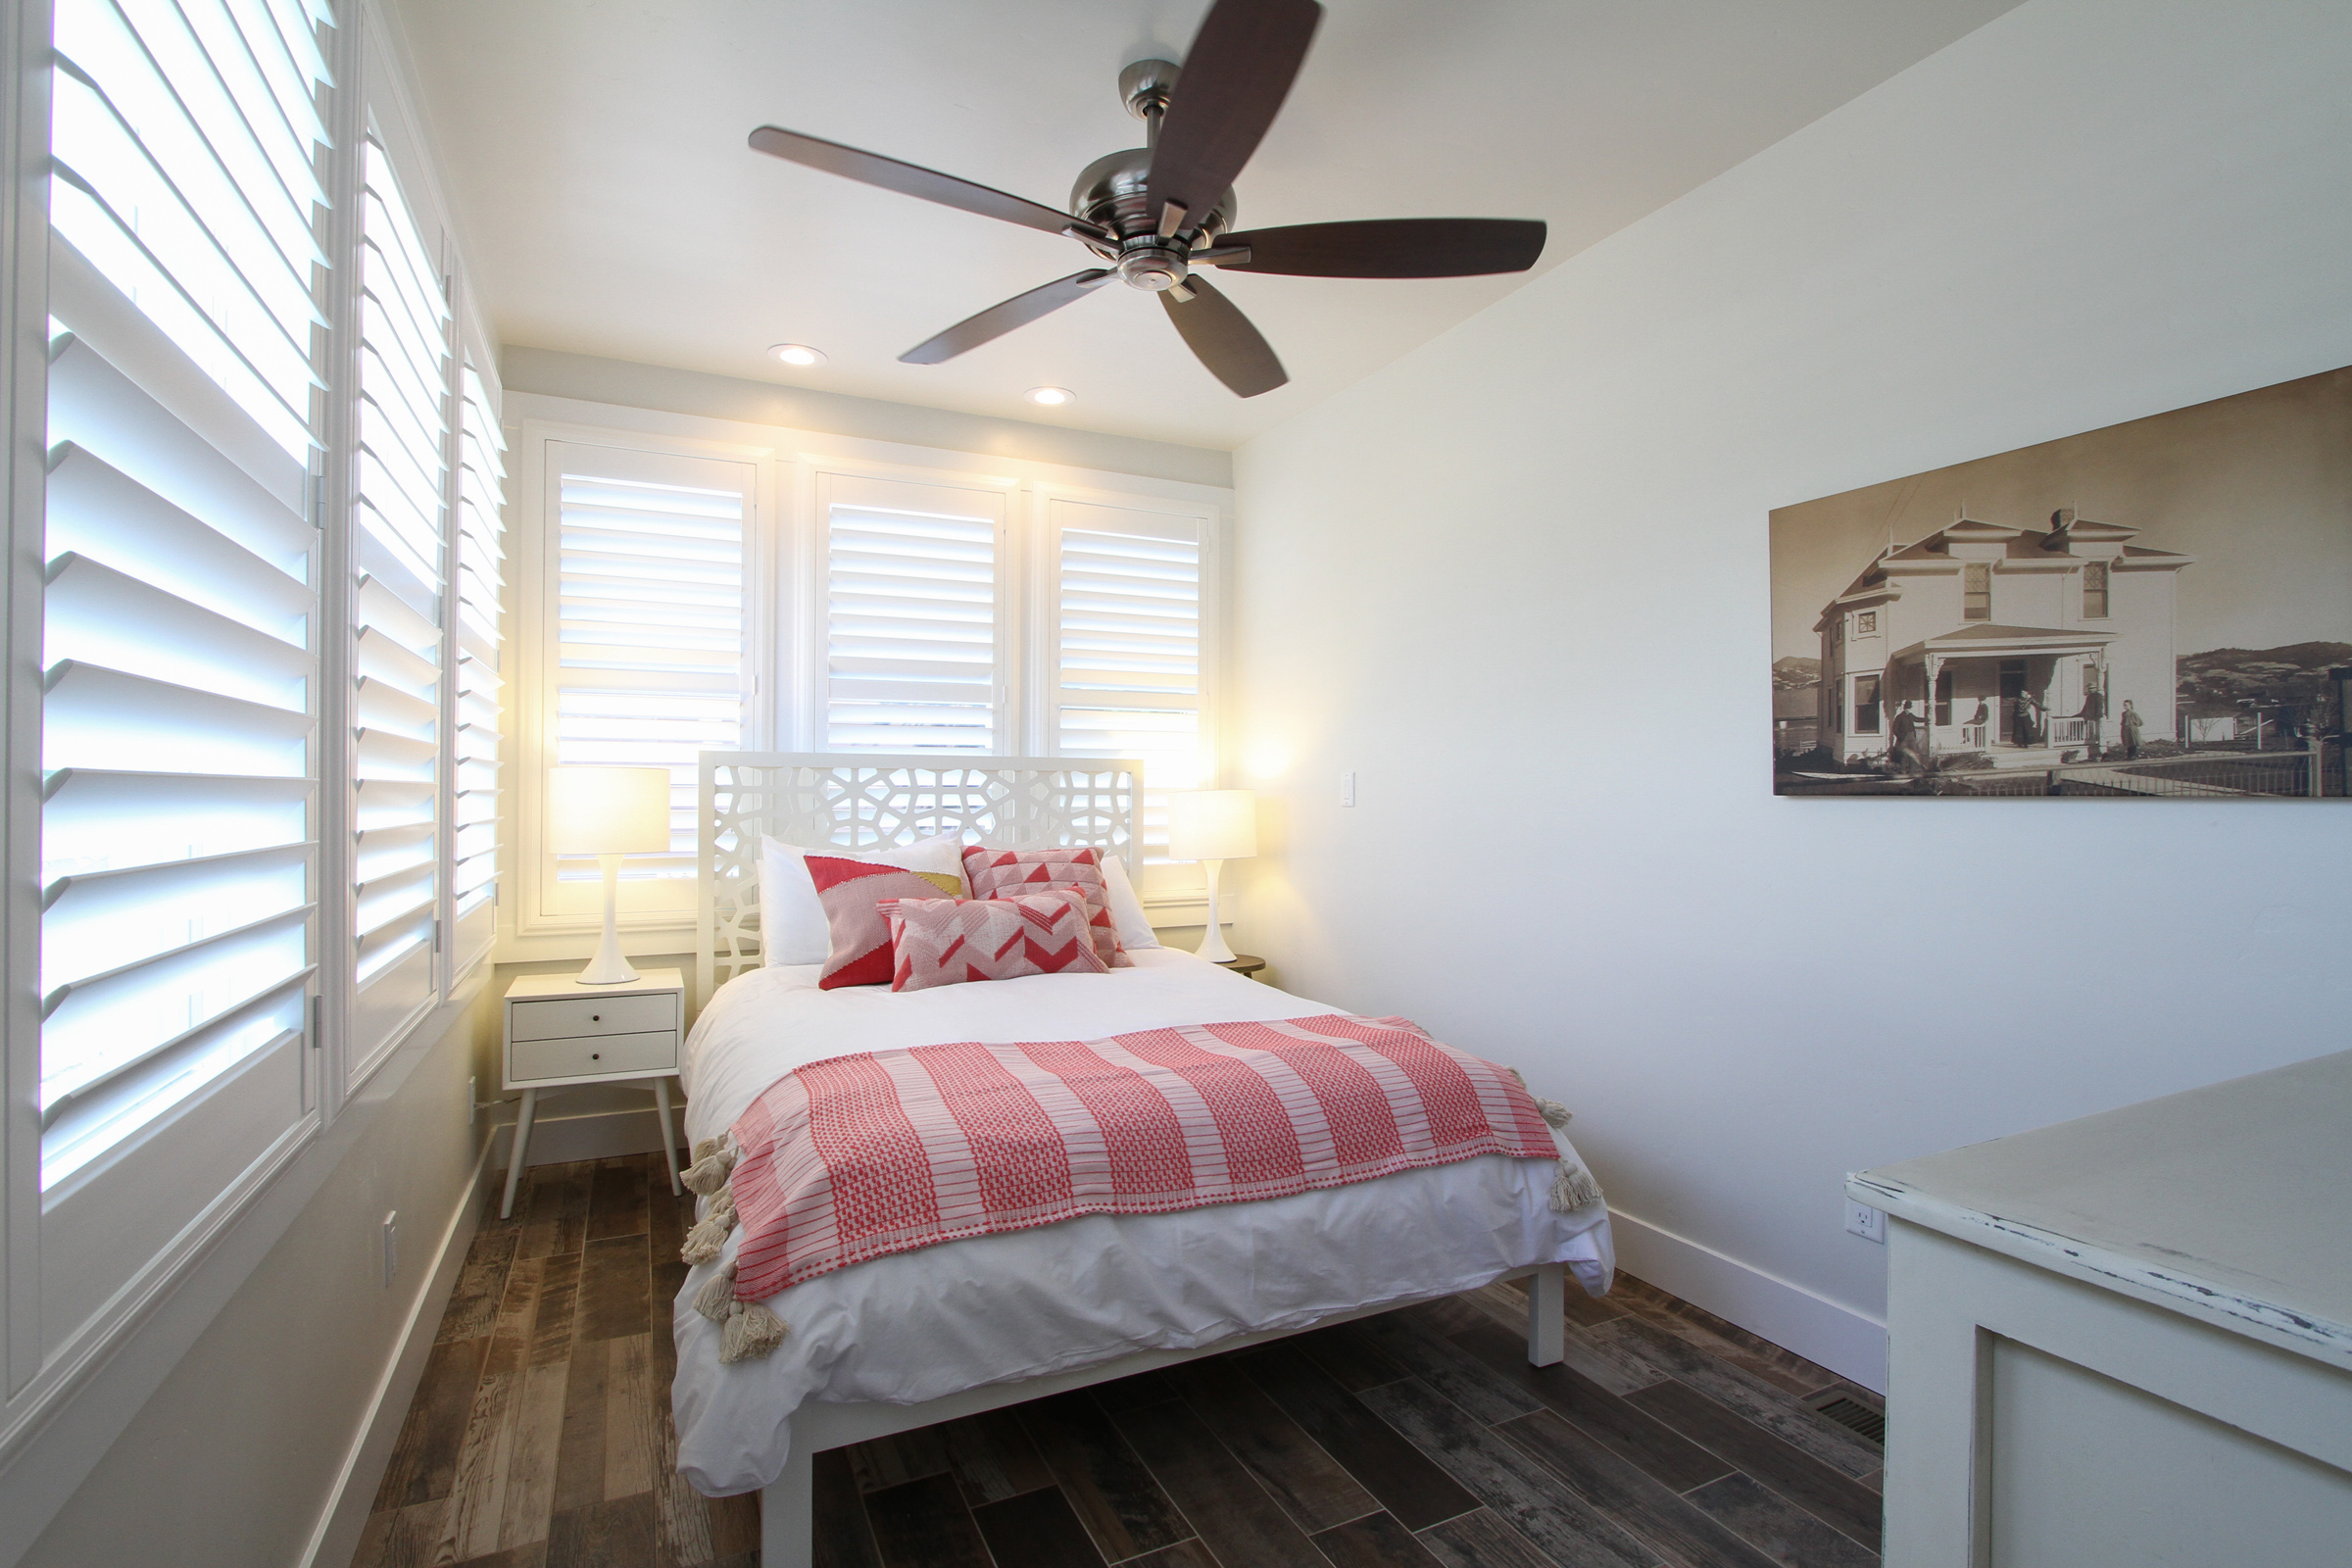 First floor bedroom, queen bed.